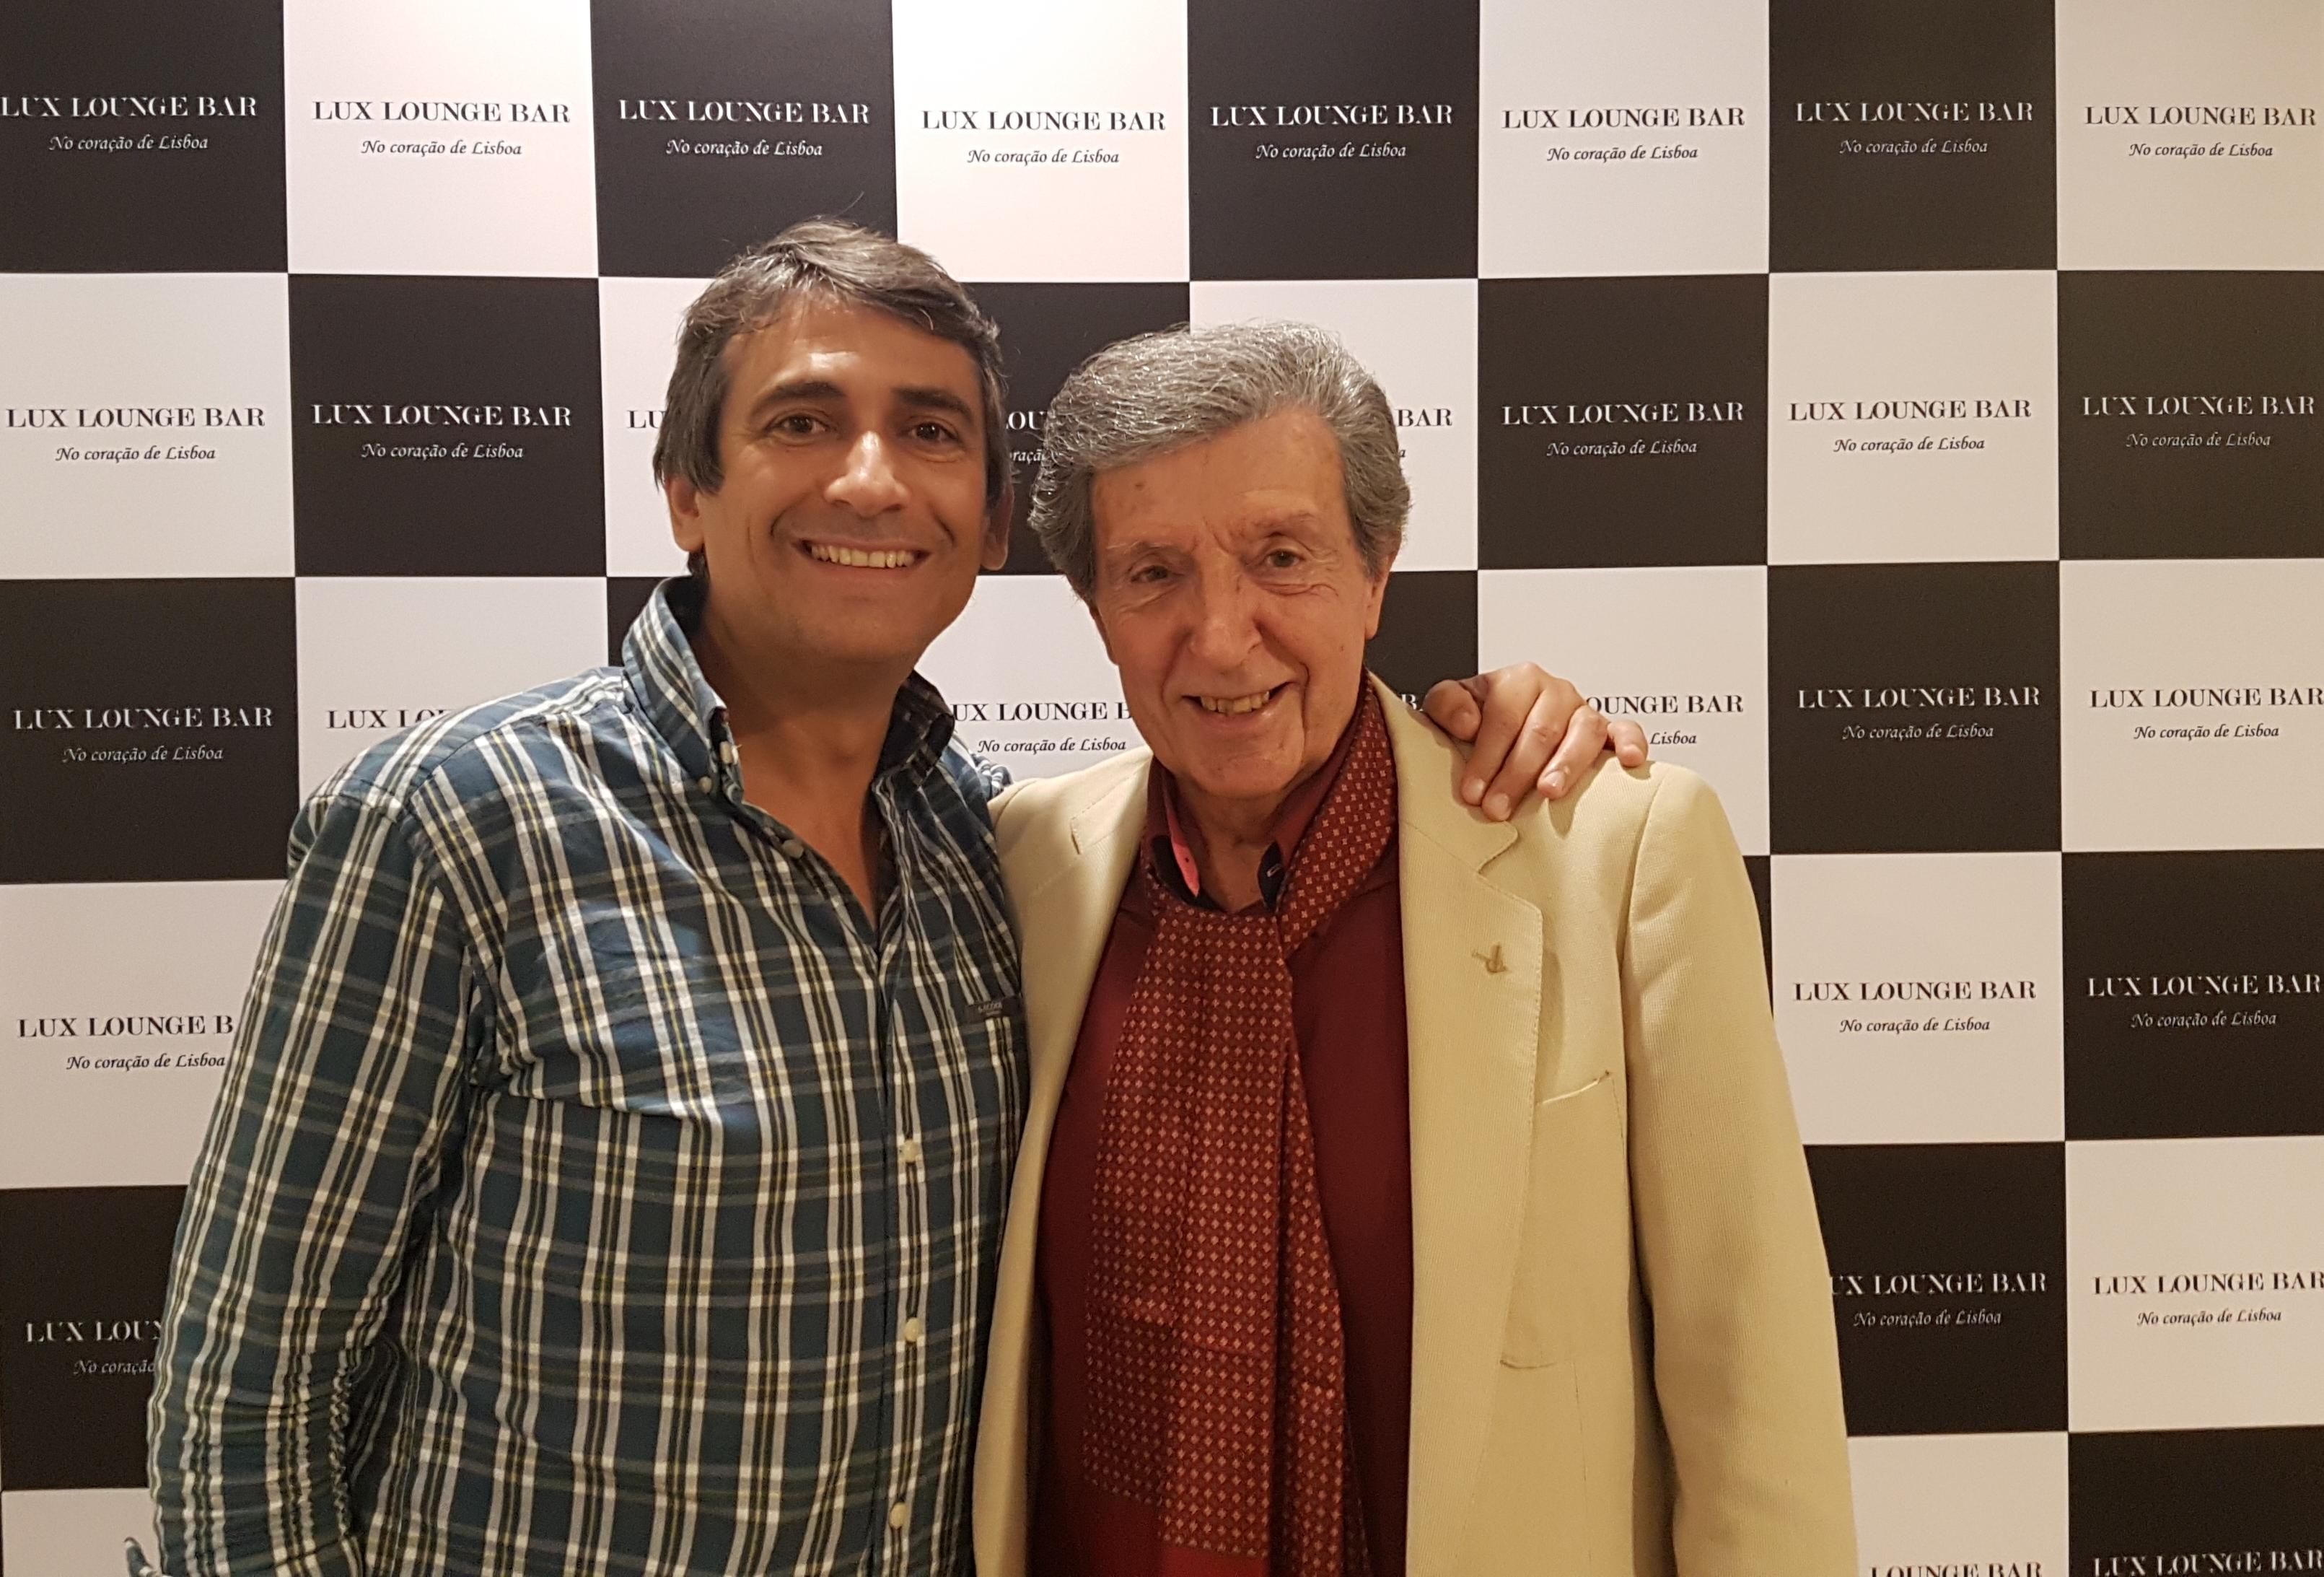 Pedro Luis e Edgar Antunes